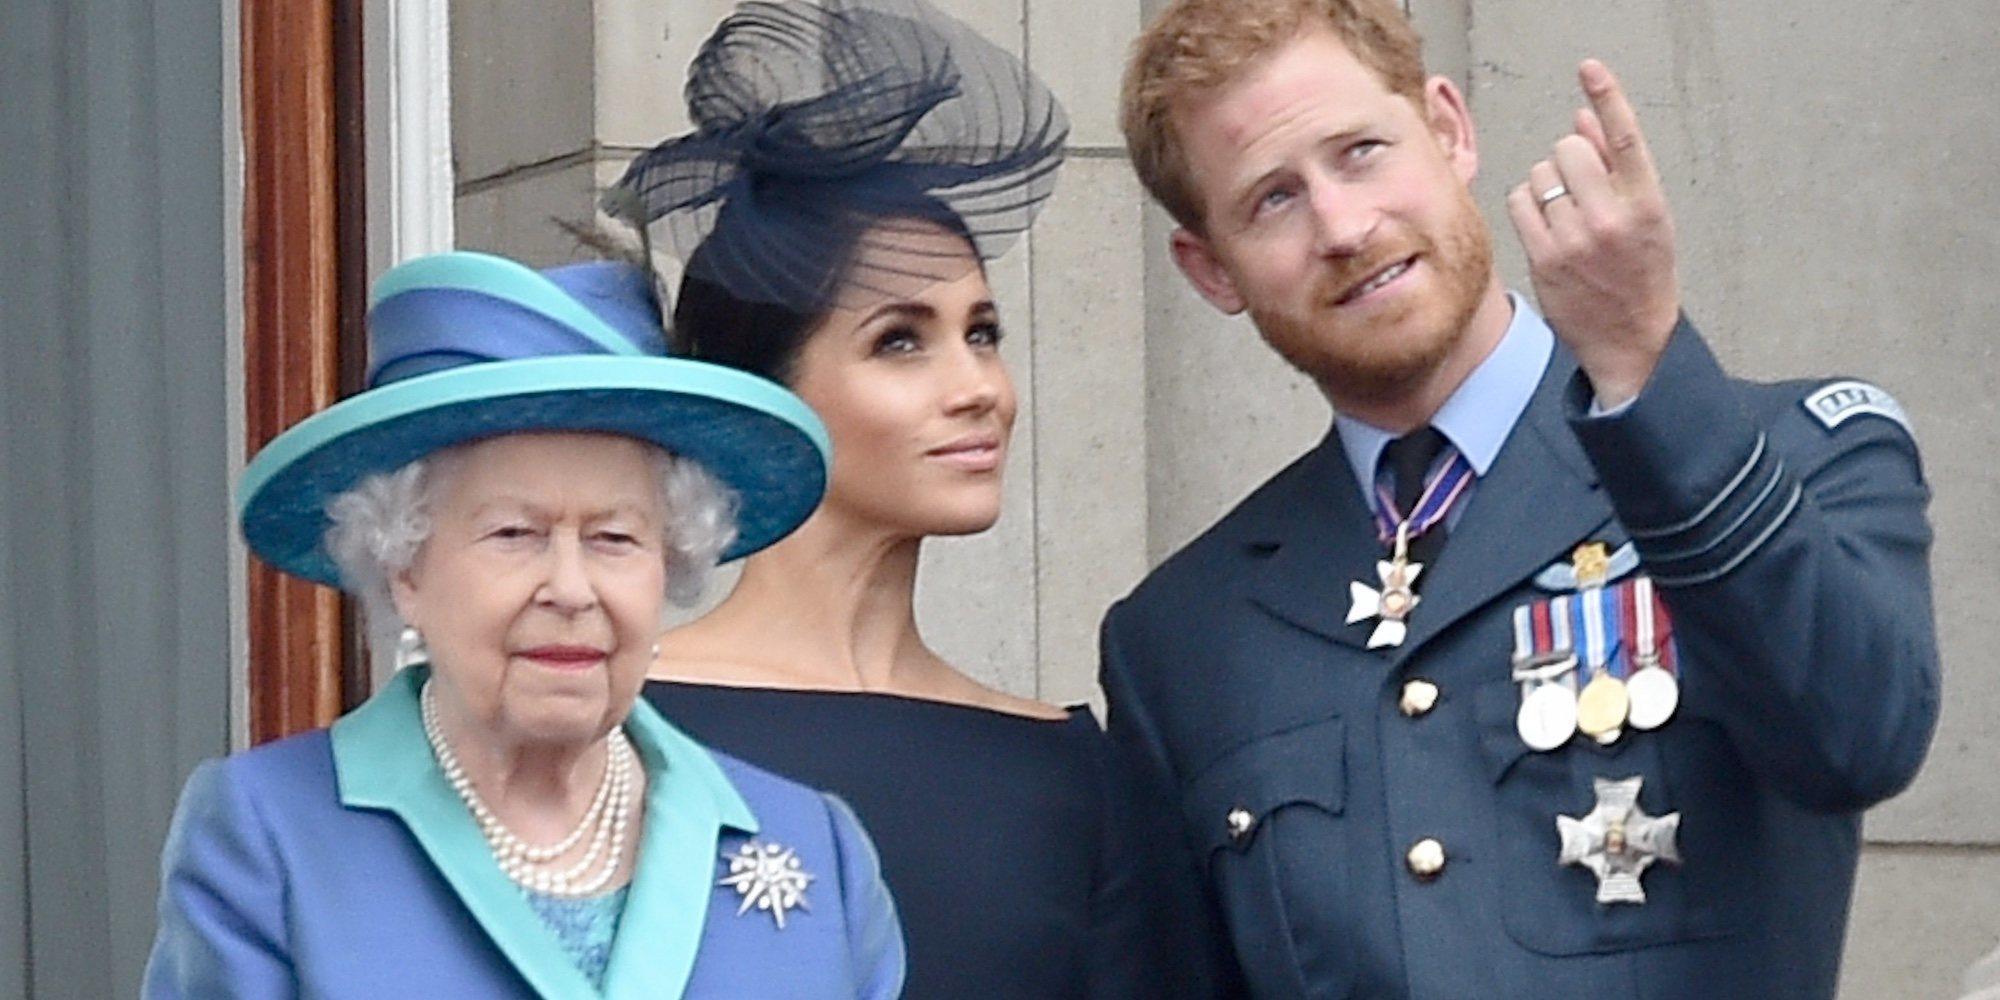 La reacción de Buckingham Palace al anuncio de la entrevista de Harry y Meghan a Oprah Winfrey